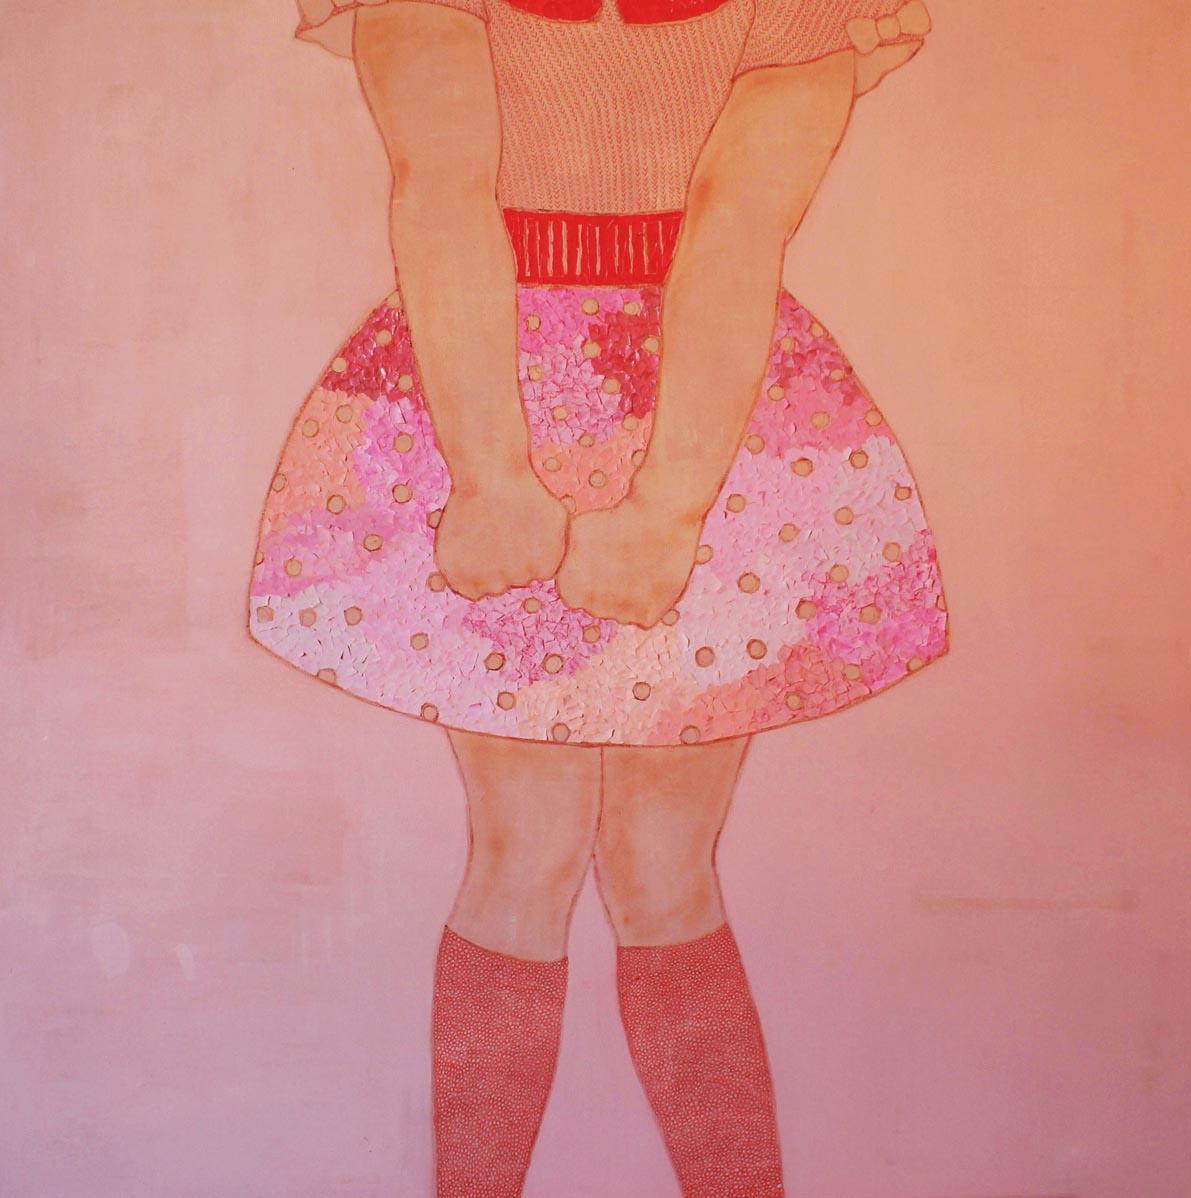 Senza titolo, |Acrilico, carta e matite colorate su tela, 100x100cm, 2013